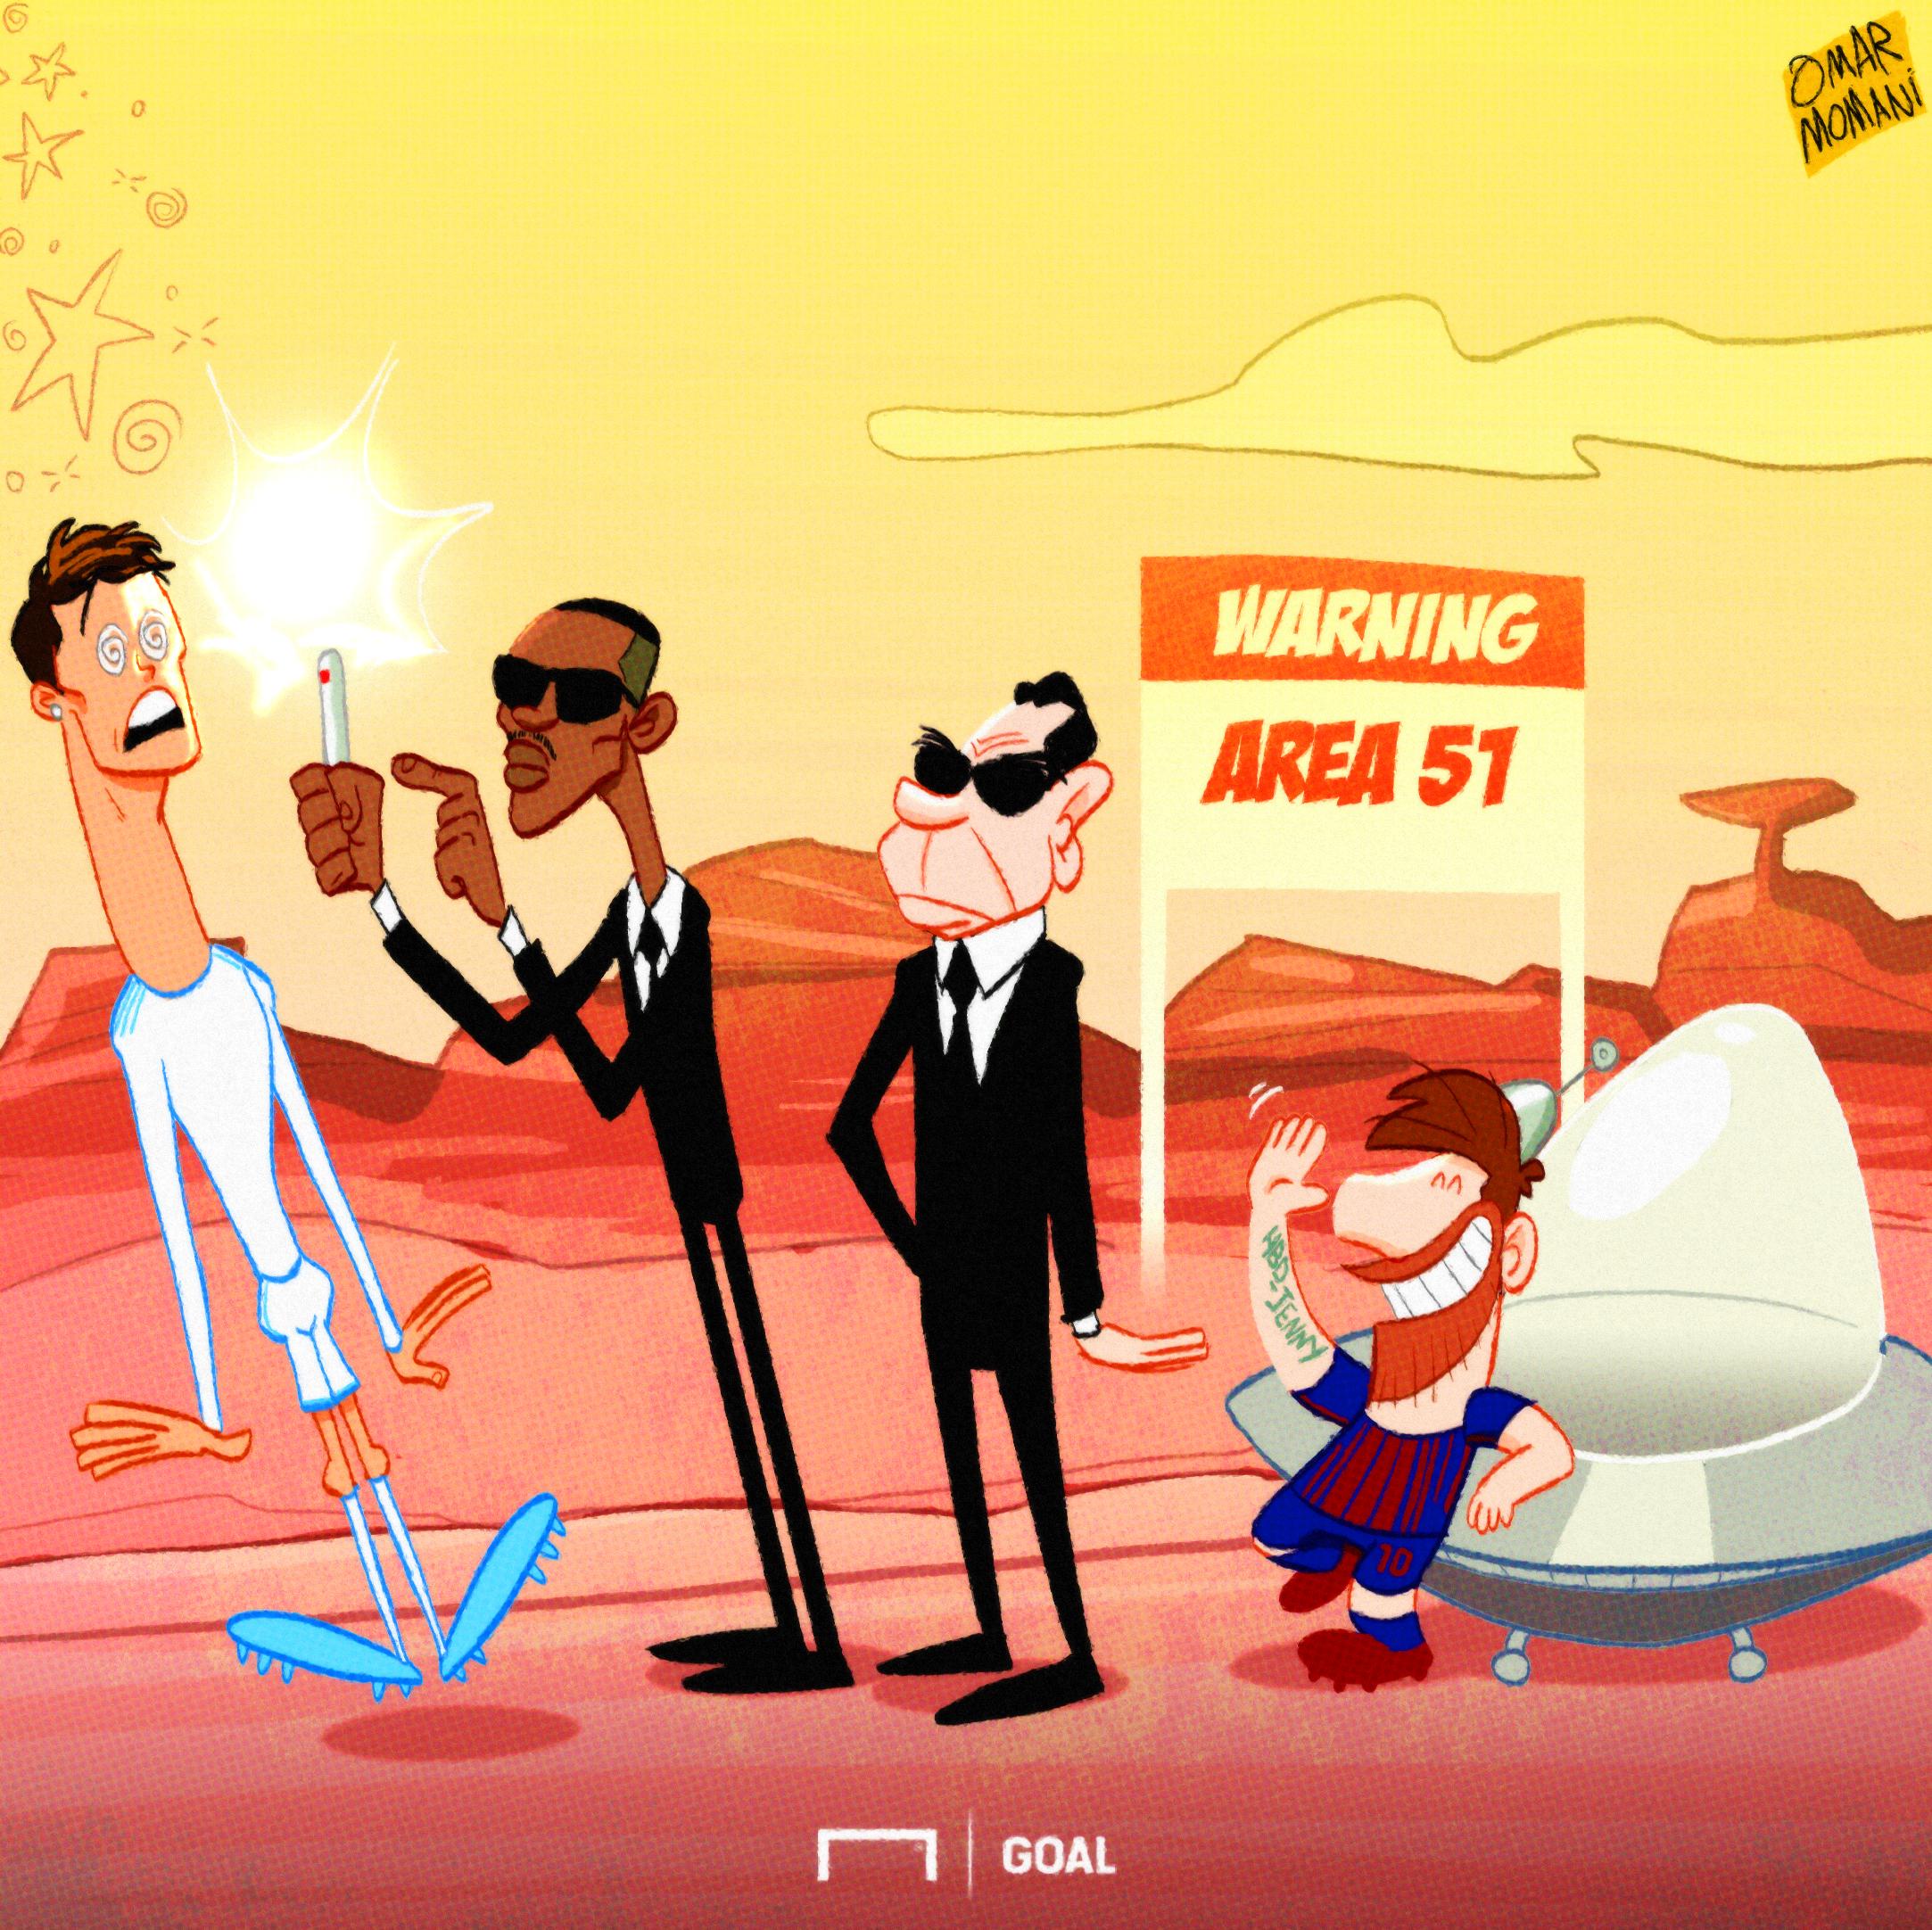 Lionel Messi alien Ronaldo cartoon